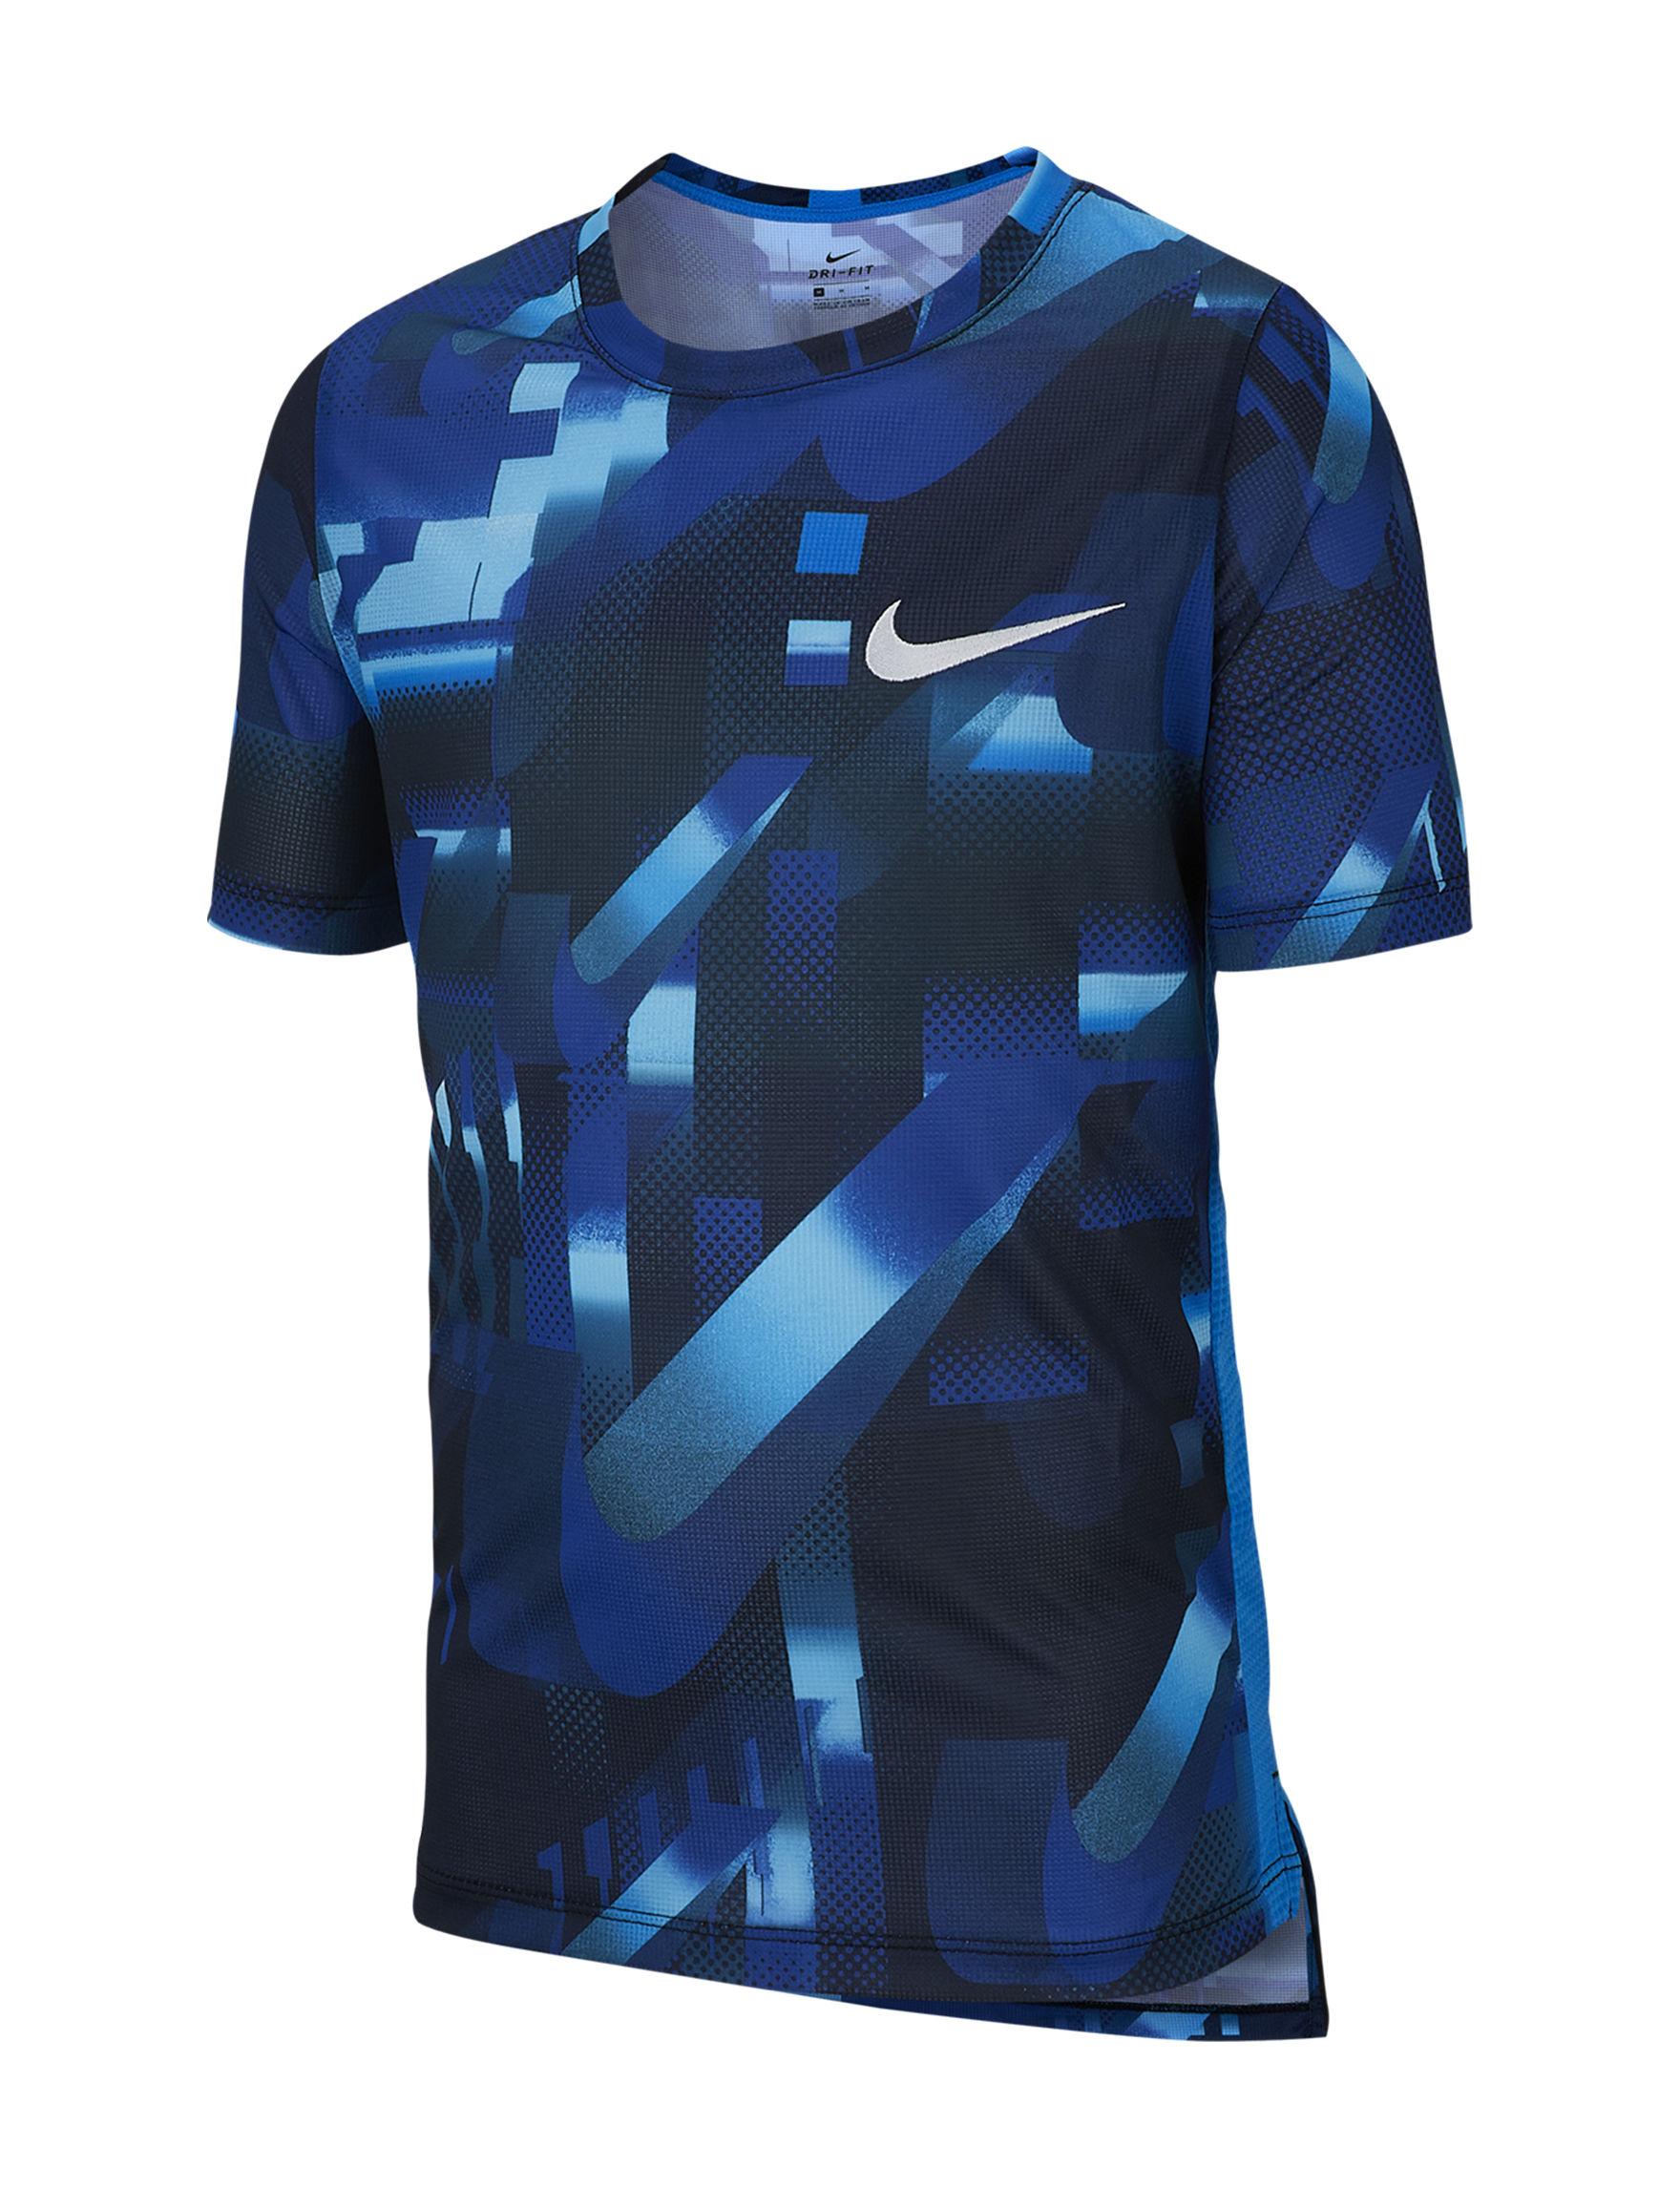 Nike Blue Multi Tees & Tanks